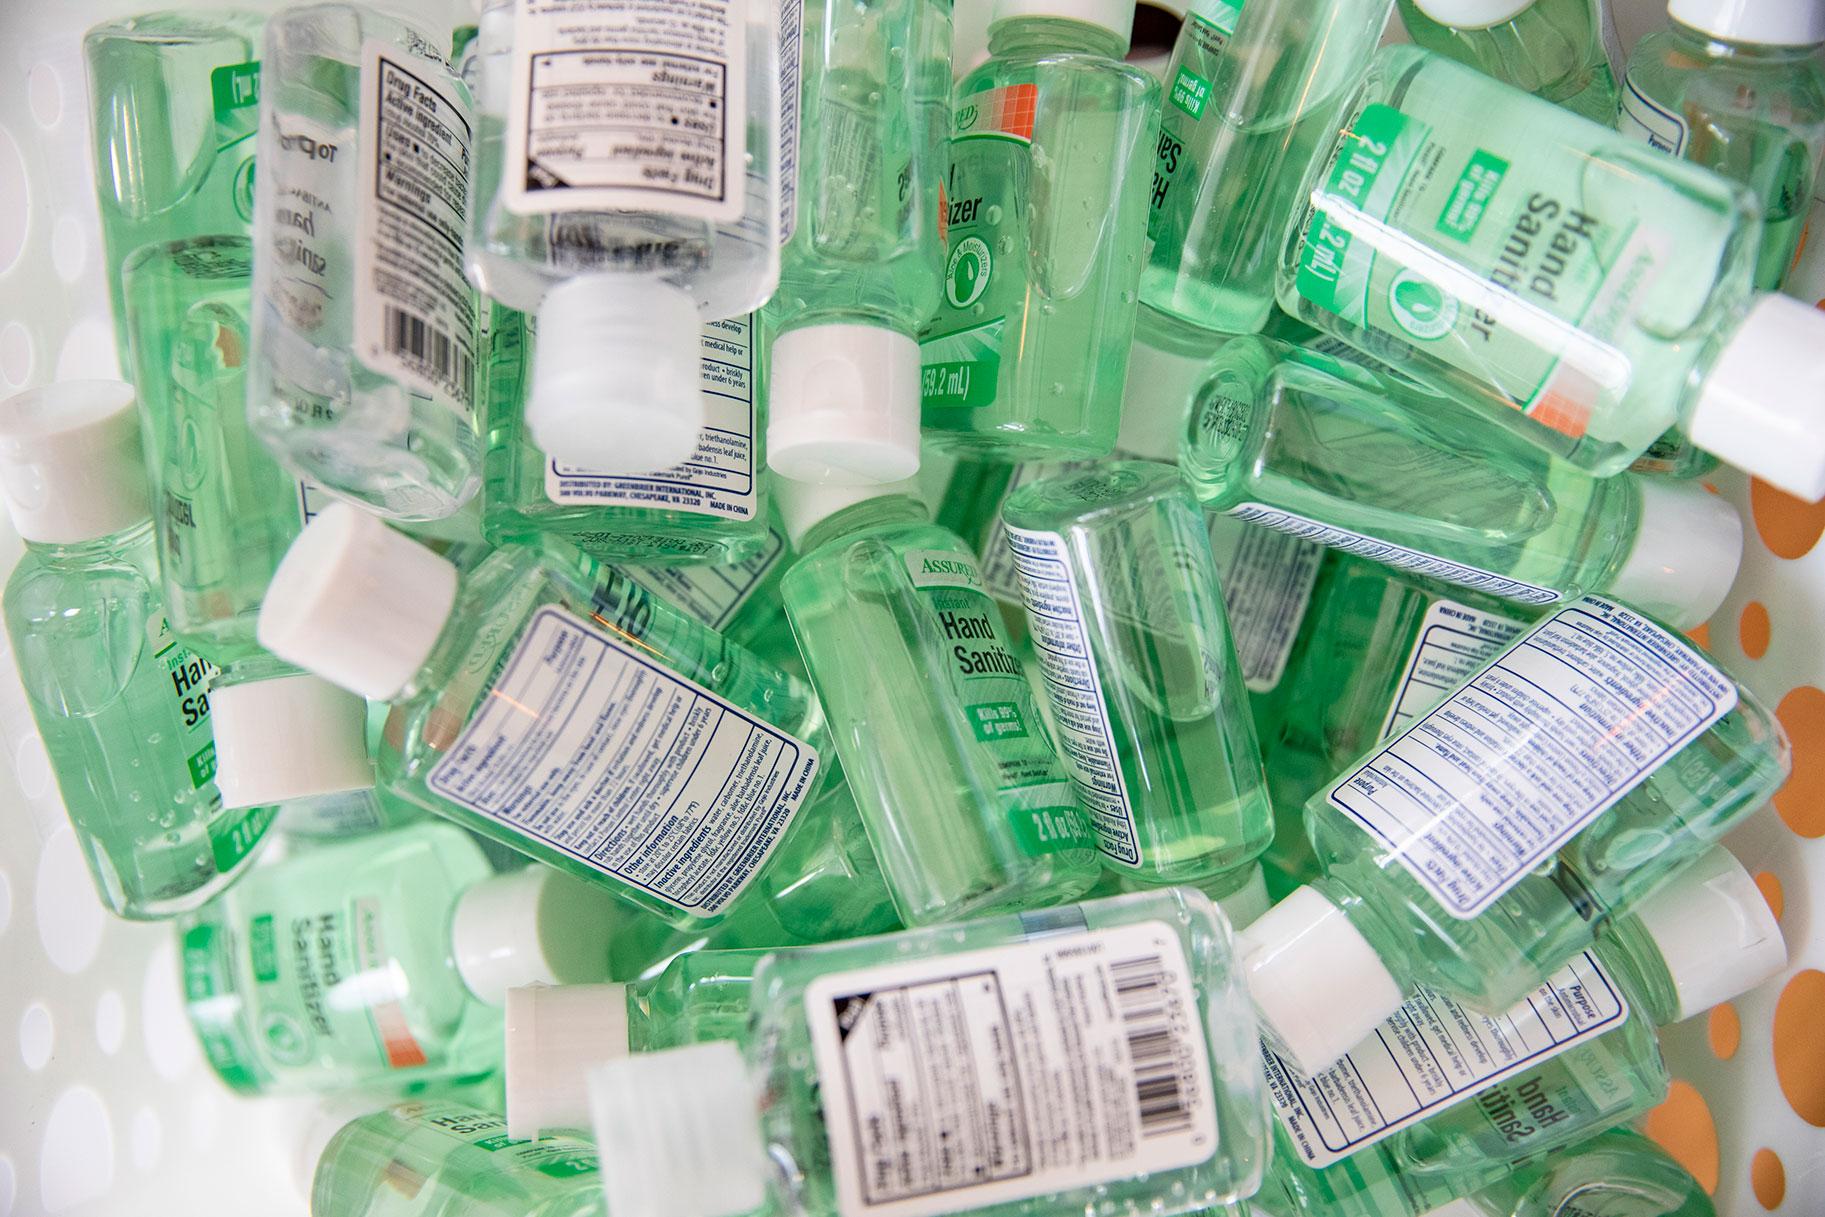 Tennessee Bros que compró 17,700 botellas de desinfectante que no pueden revender los artículos